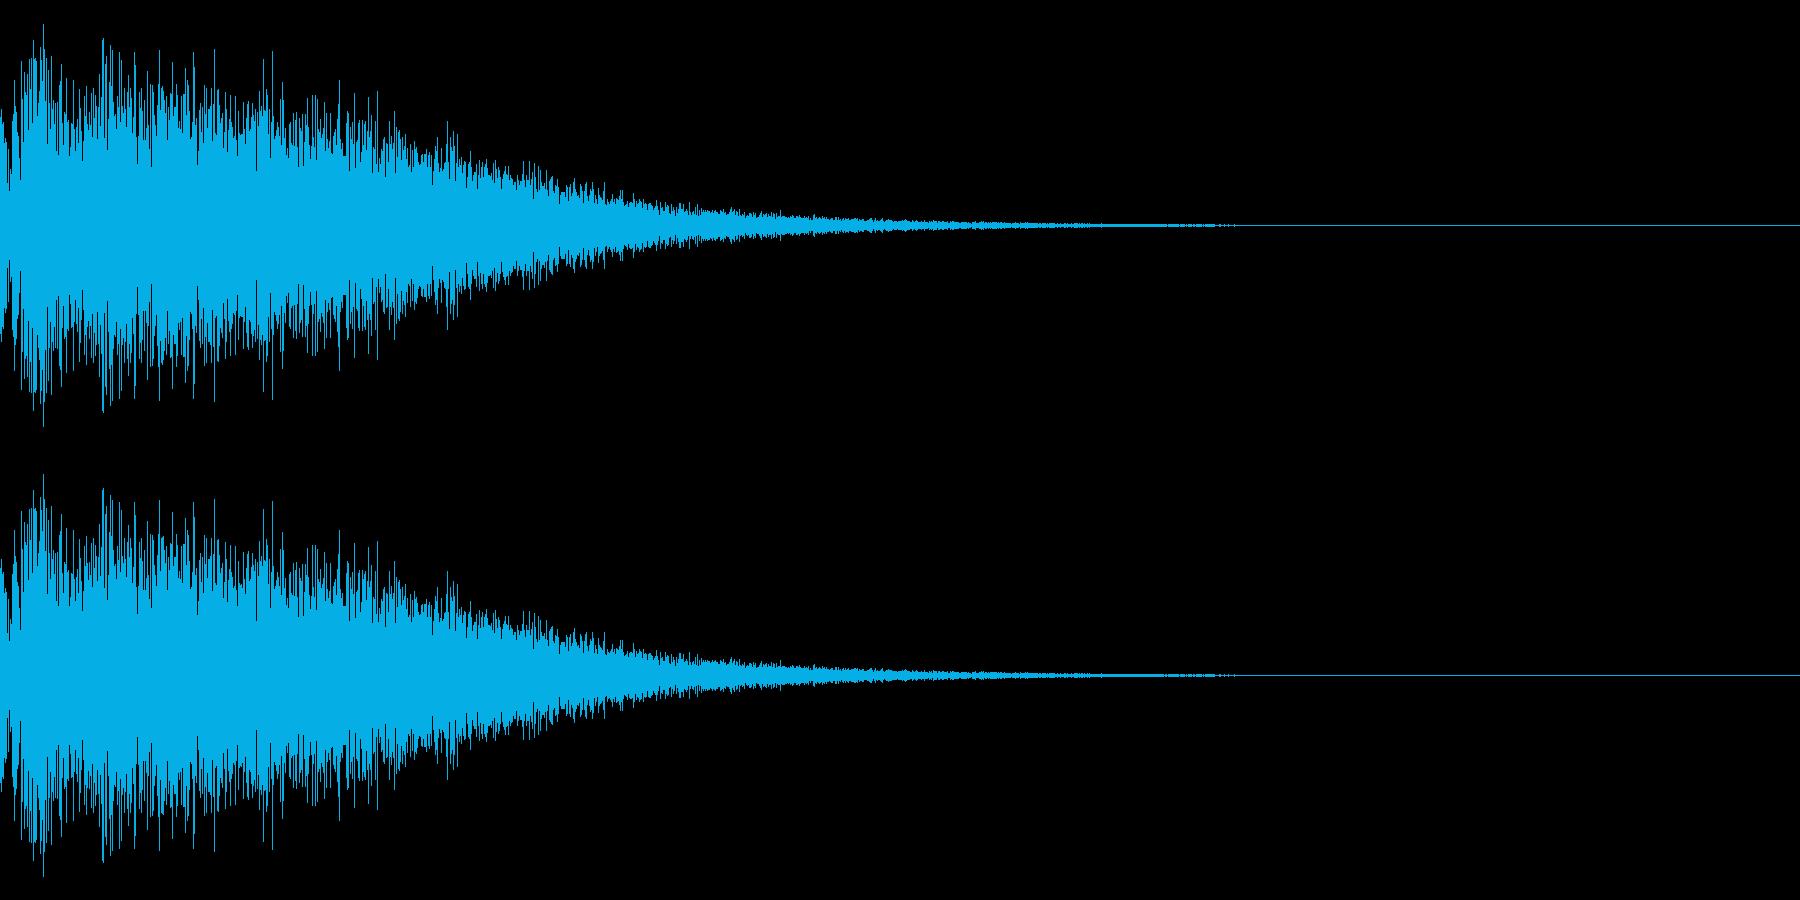 銅鑼(ドラ)の音でスタート音の再生済みの波形